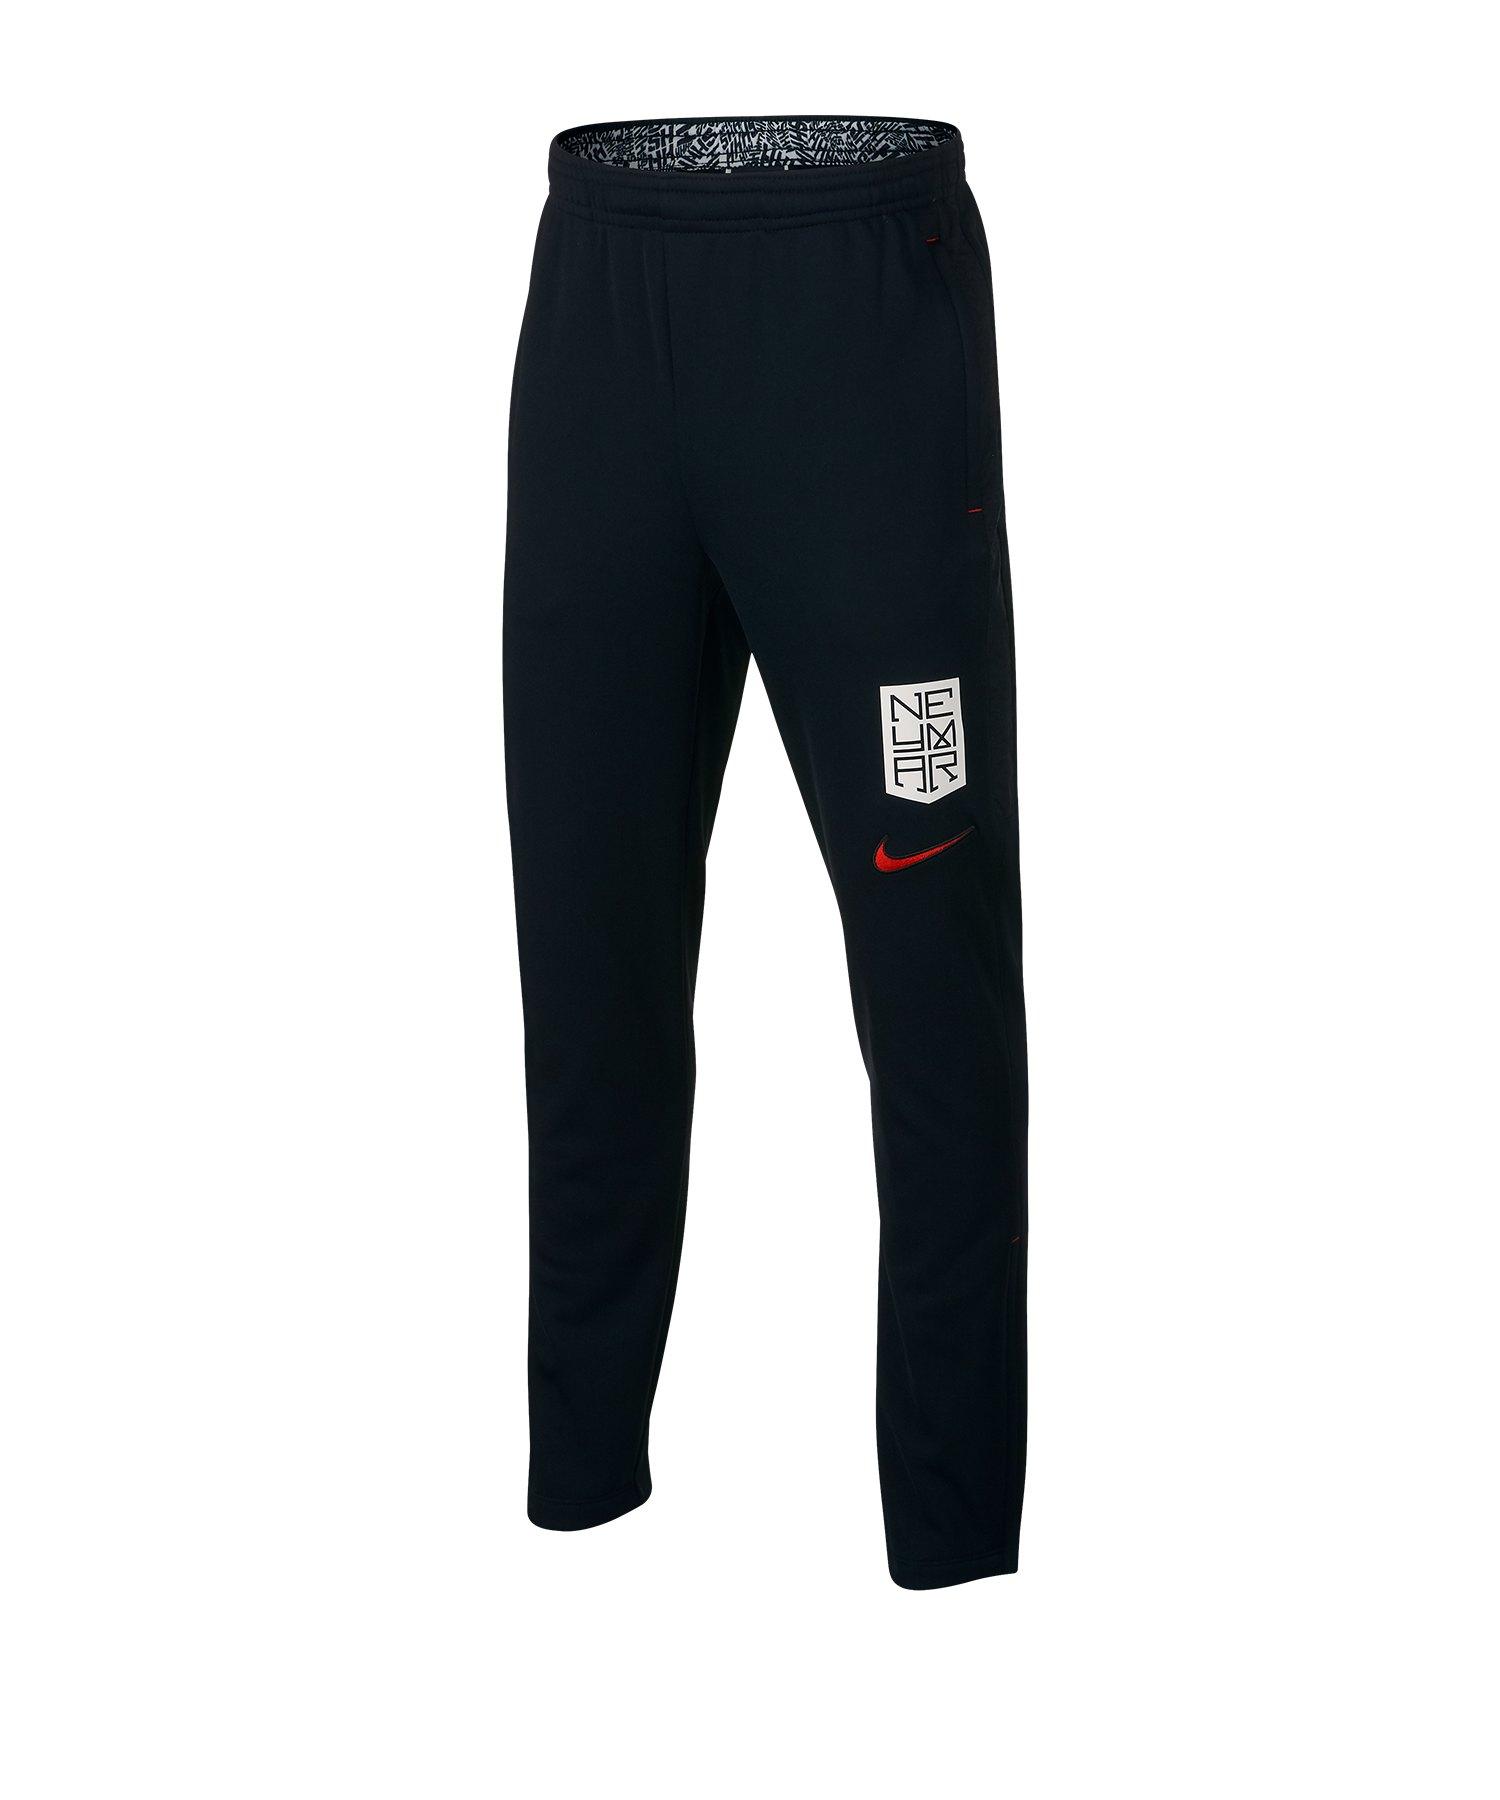 Nike Neymar Dry Pant Kids Schwarz F010 - schwarz